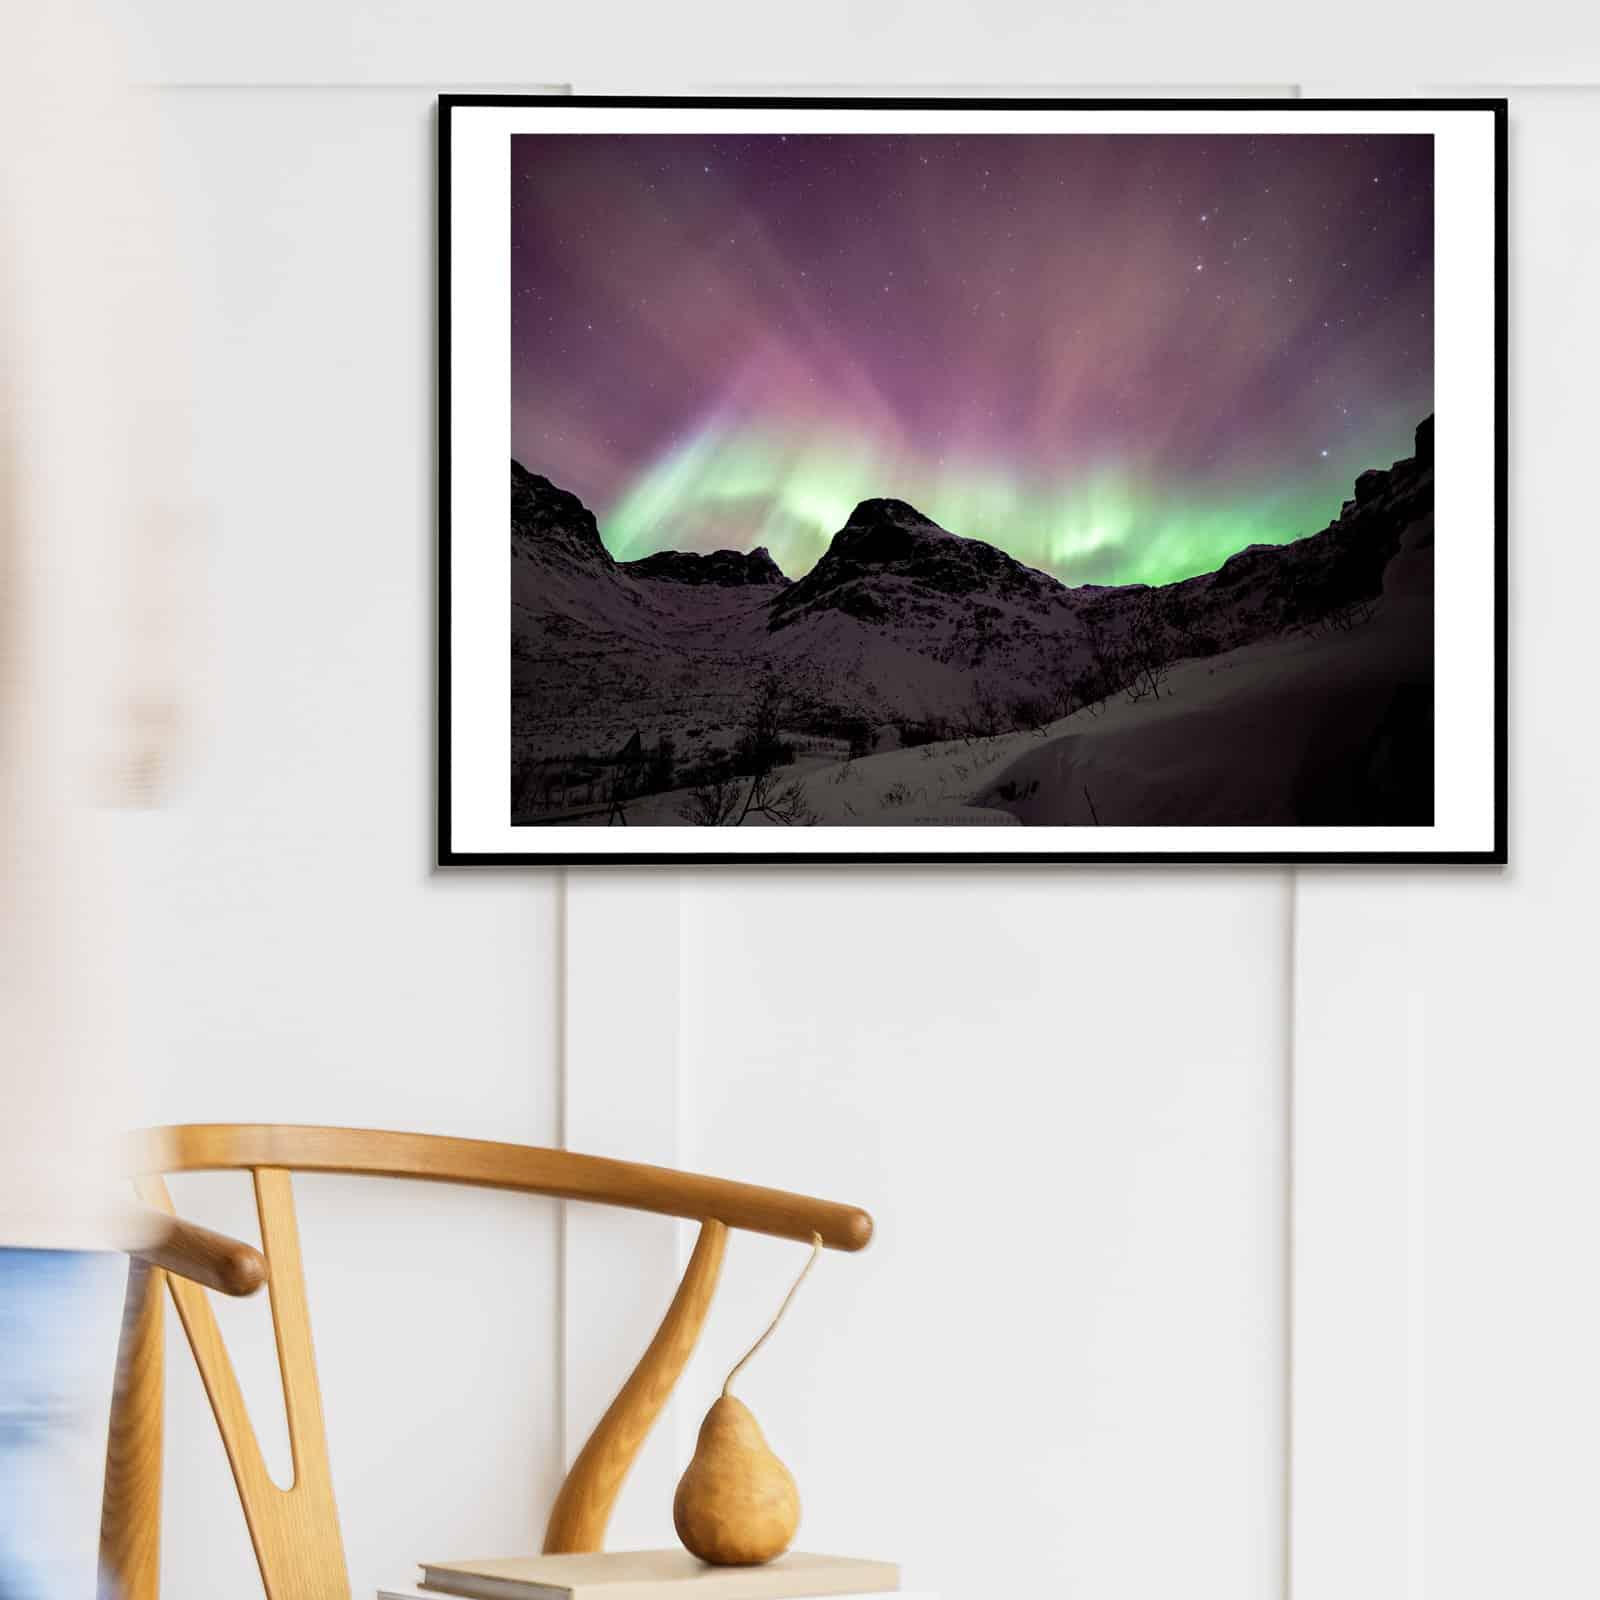 Acheter photo aurores boréales